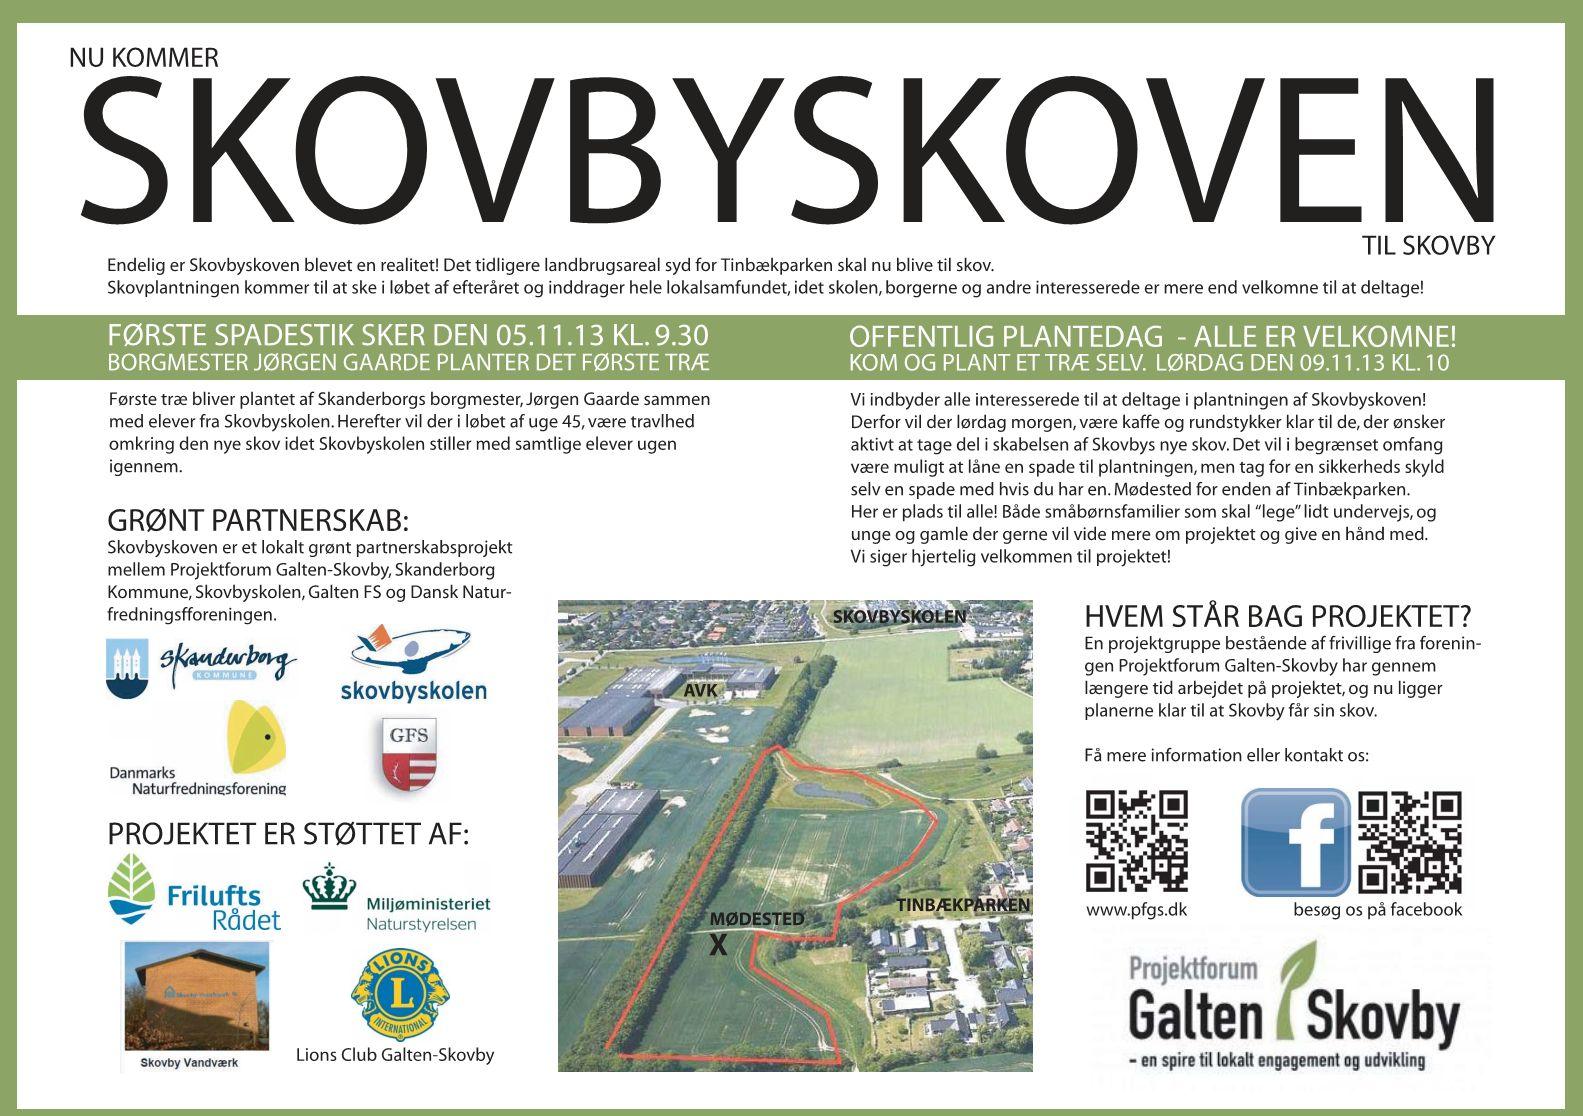 Indbydelse til plantning af Skovbyskoven